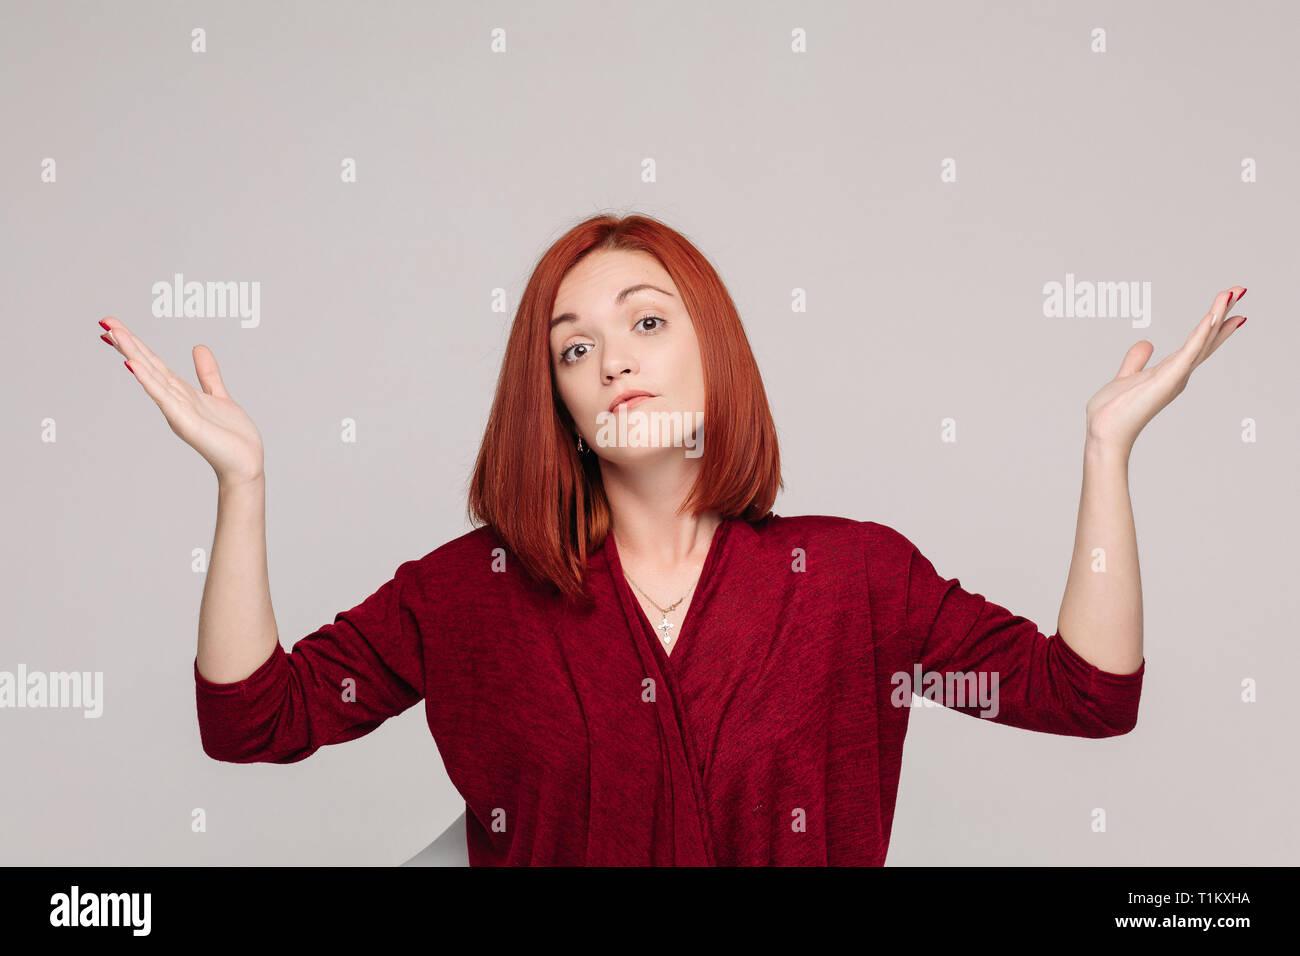 Business Woman wearing red dans l'émotion et de passif ayant à la frustration. Photo Stock